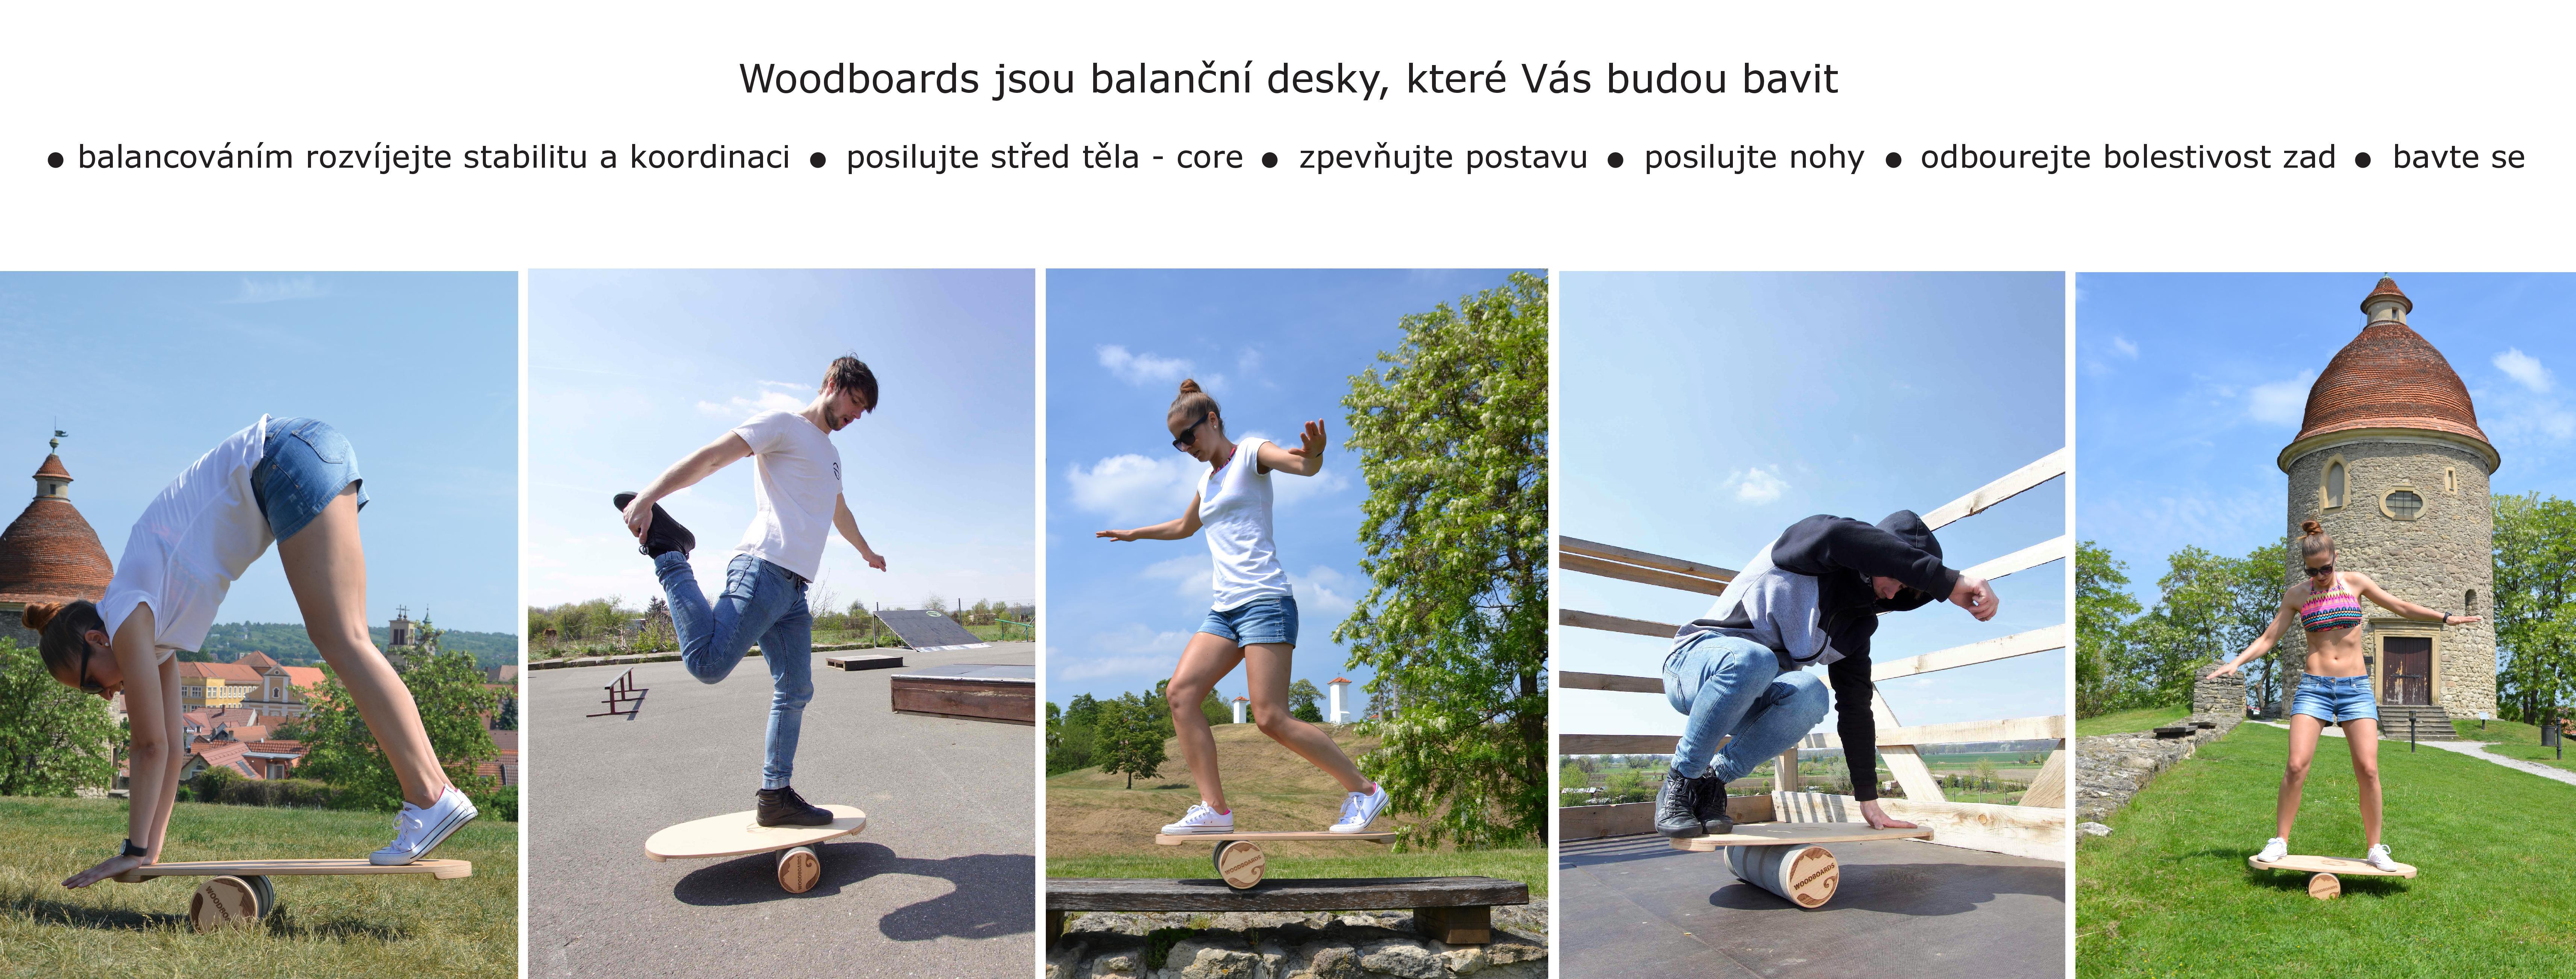 Balancování woodboards